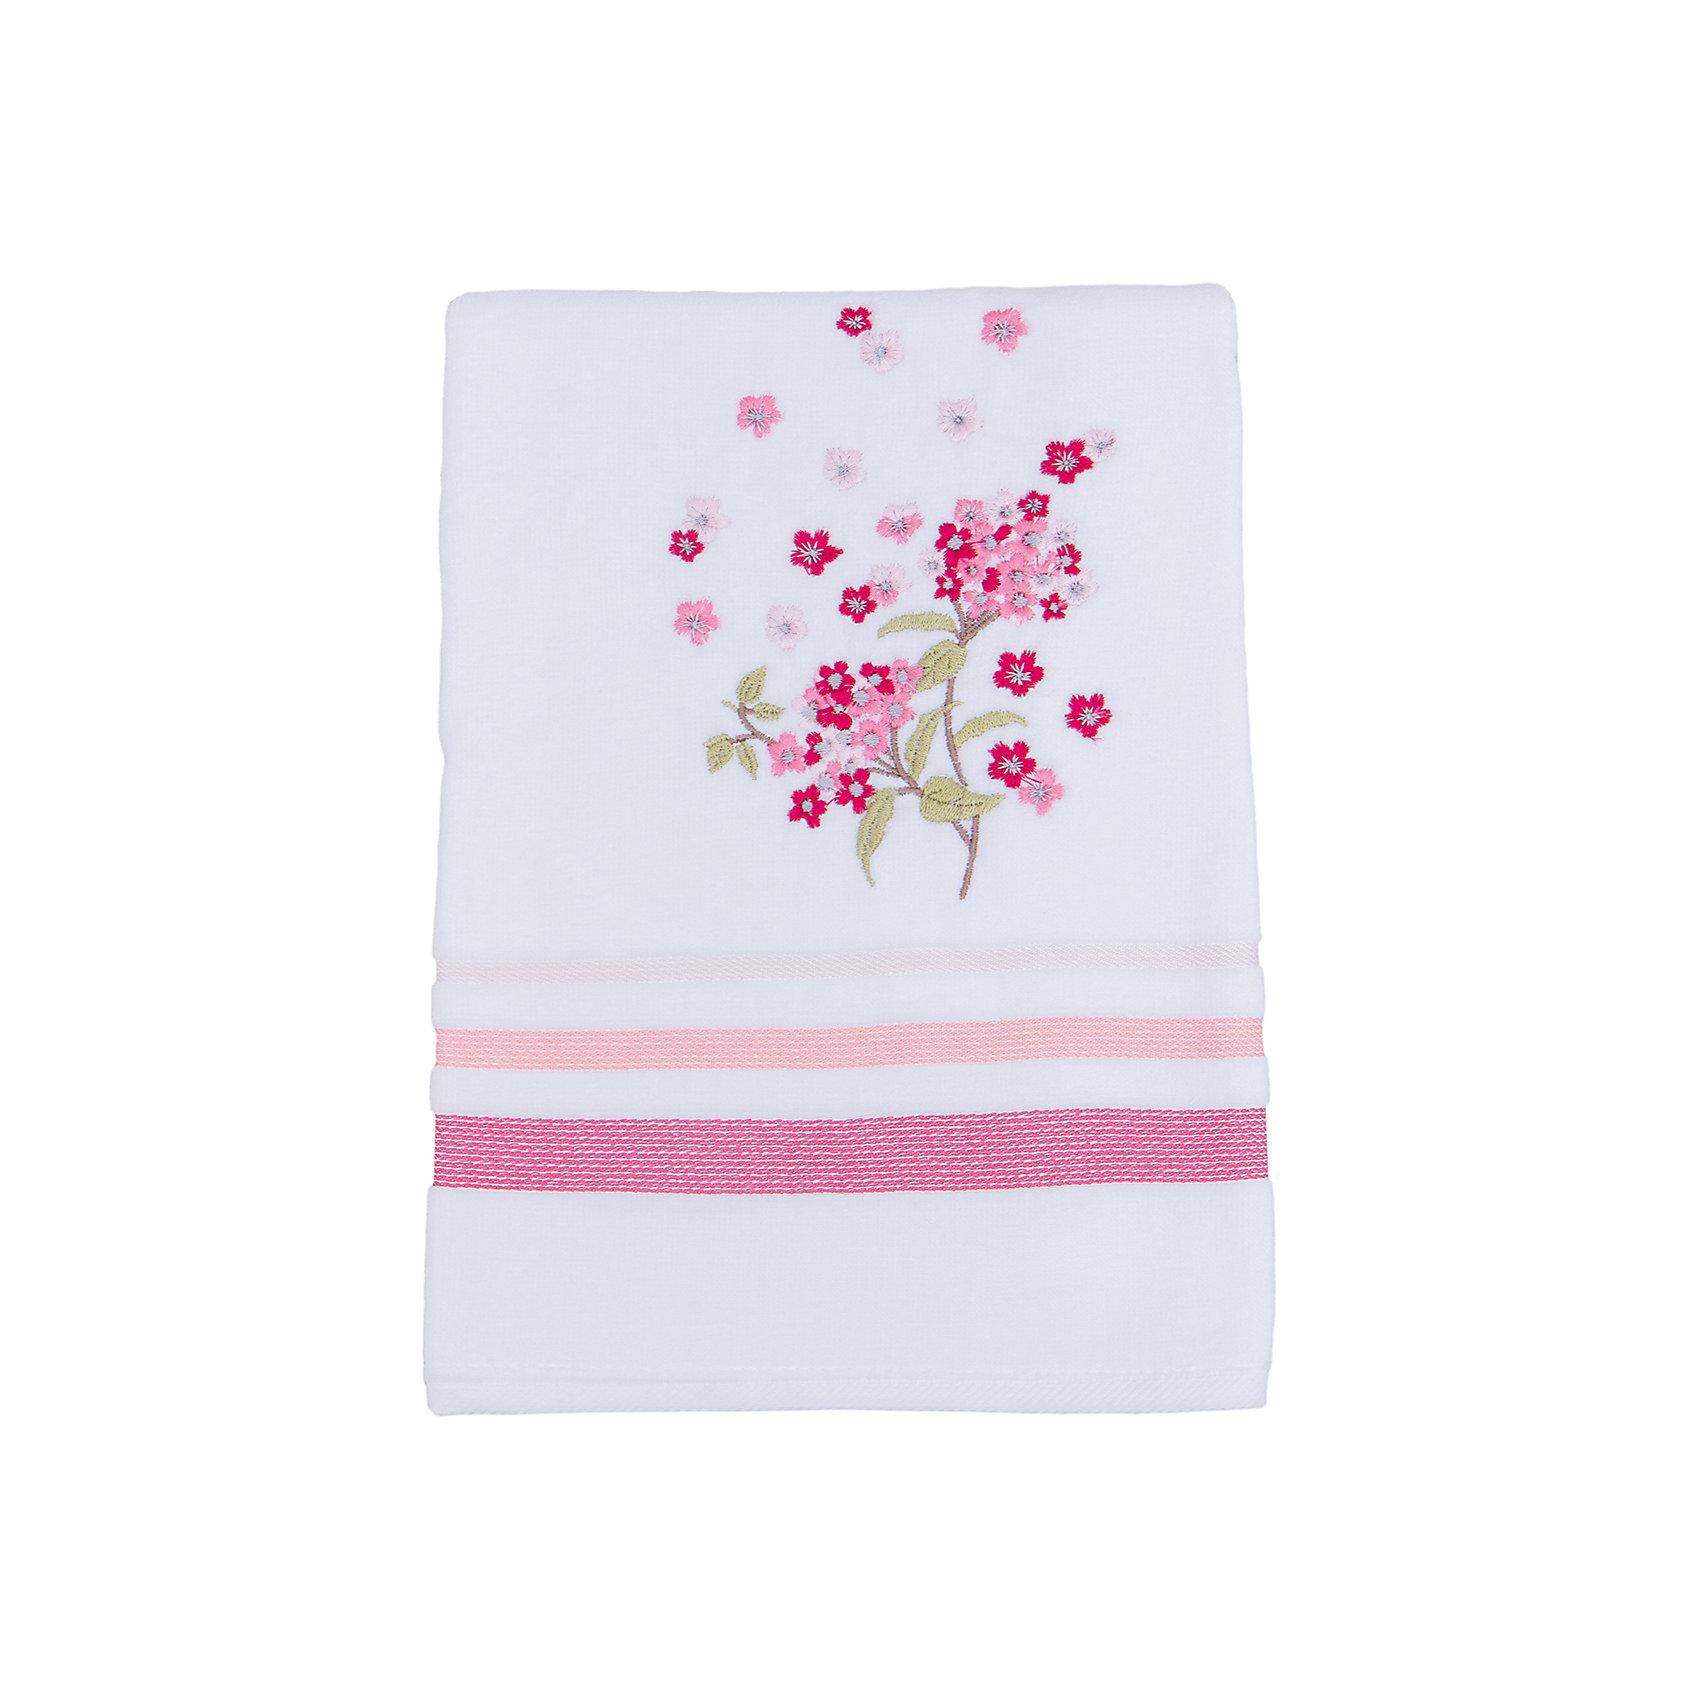 Полотенце подарочное FUSION махровое 50*90, TAC, розовыйДомашний текстиль<br>Характеристика: <br><br>- Материал: махра (100% хлопок).<br>- Размер: 50х90 см.<br>- Плотность: 450гр/м2.<br>- Размер упаковки: 24х3х33 см.<br>- Цвет: розовый.<br><br>Яркое и в тоже время нежное махровое полотенце будет прекрасным подарком к любому празднику!<br><br>Полотенце подарочное FUSION махровое, можно купить в нашем магазине.<br><br>Ширина мм: 240<br>Глубина мм: 30<br>Высота мм: 330<br>Вес г: 400<br>Возраст от месяцев: 0<br>Возраст до месяцев: 84<br>Пол: Женский<br>Возраст: Детский<br>SKU: 5124067